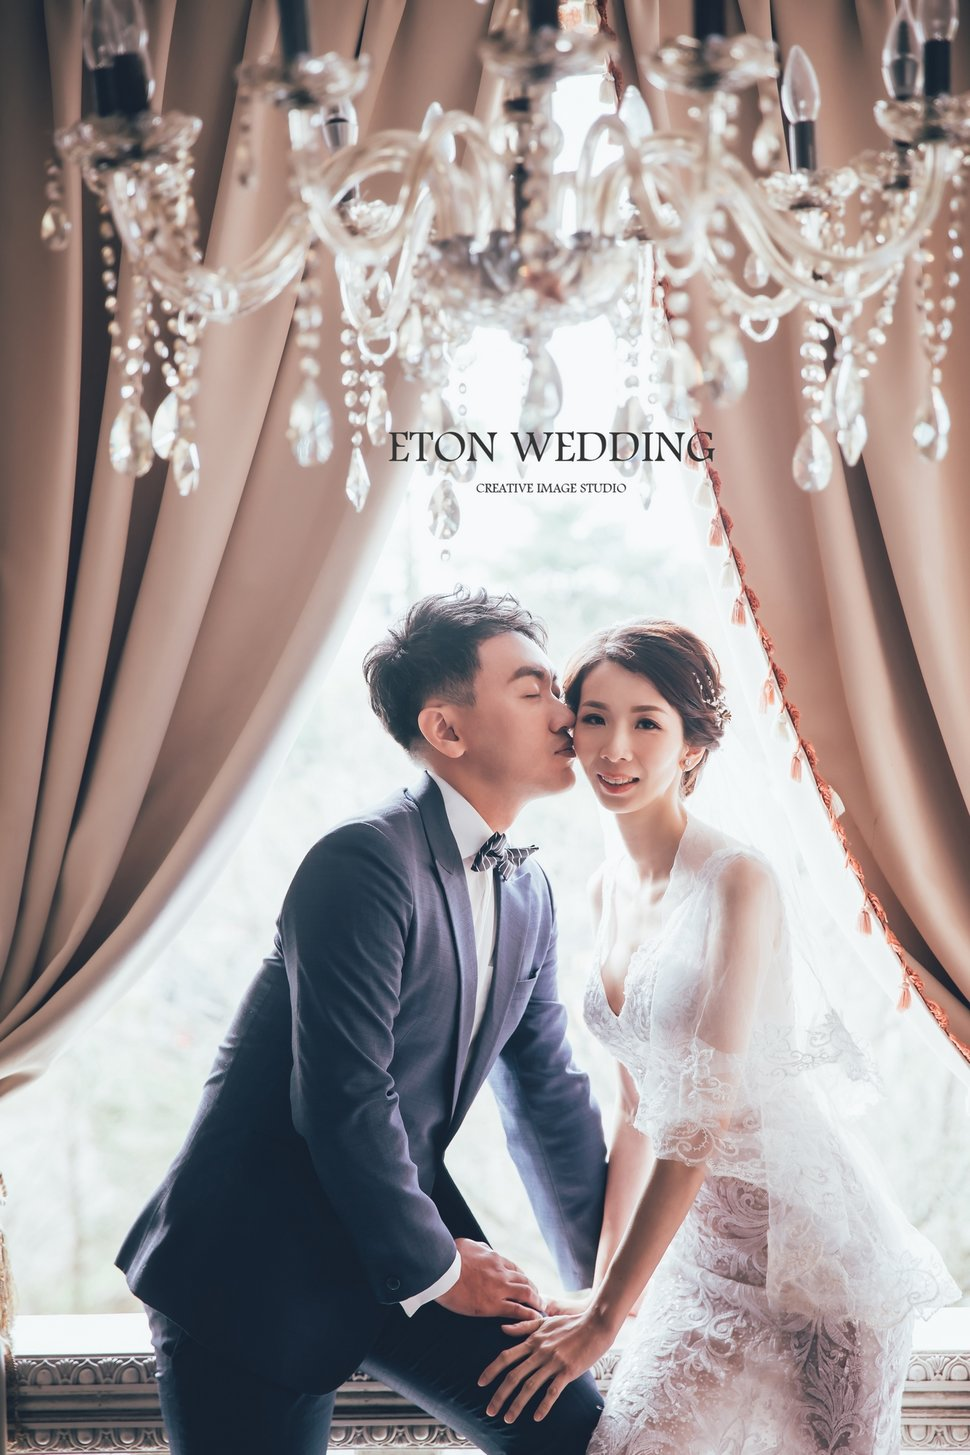 台北婚紗,伊頓自助婚紗 (6) - 伊頓自助婚紗 ▌台北高雄板橋桃園新竹台南《結婚吧》